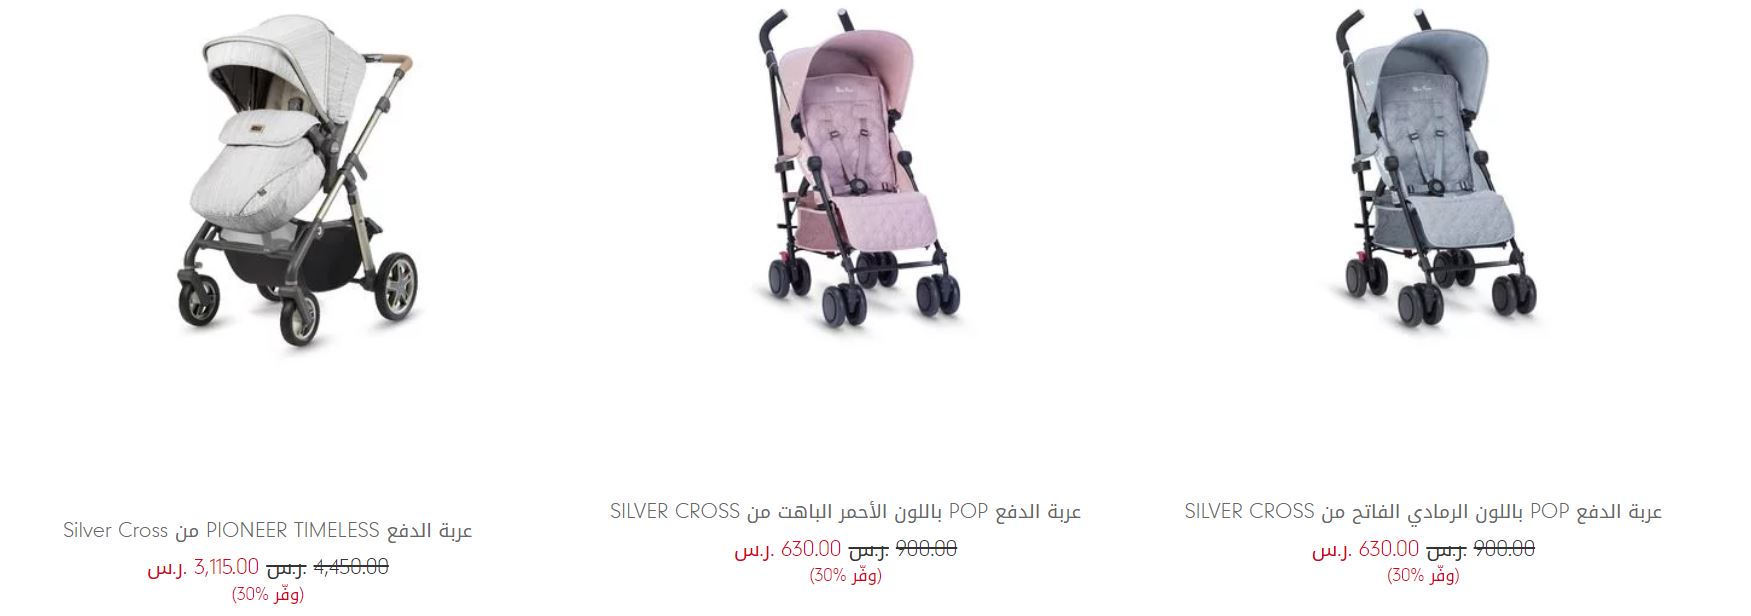 عربات الدفع mothercare السعودية سيلفر كروس